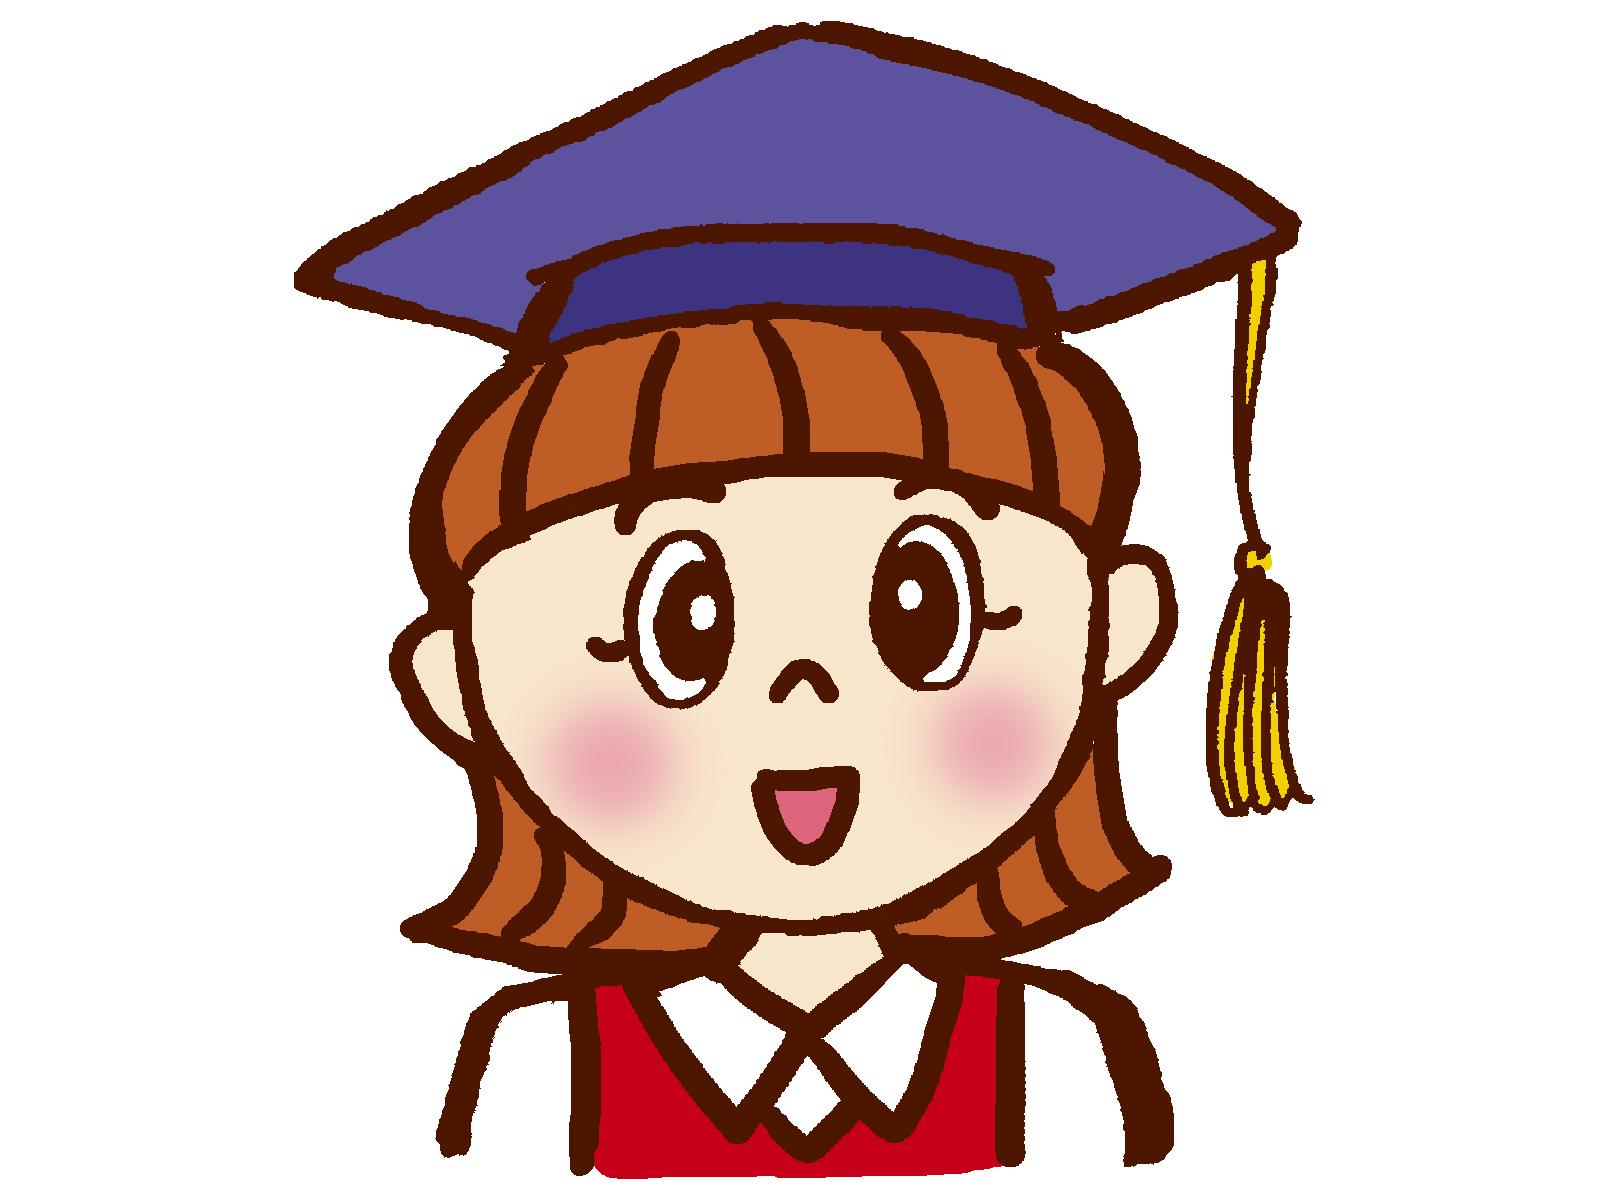 井桁弘恵は頭いい?出身校はどこの中学校、高校で大学もすごい?1